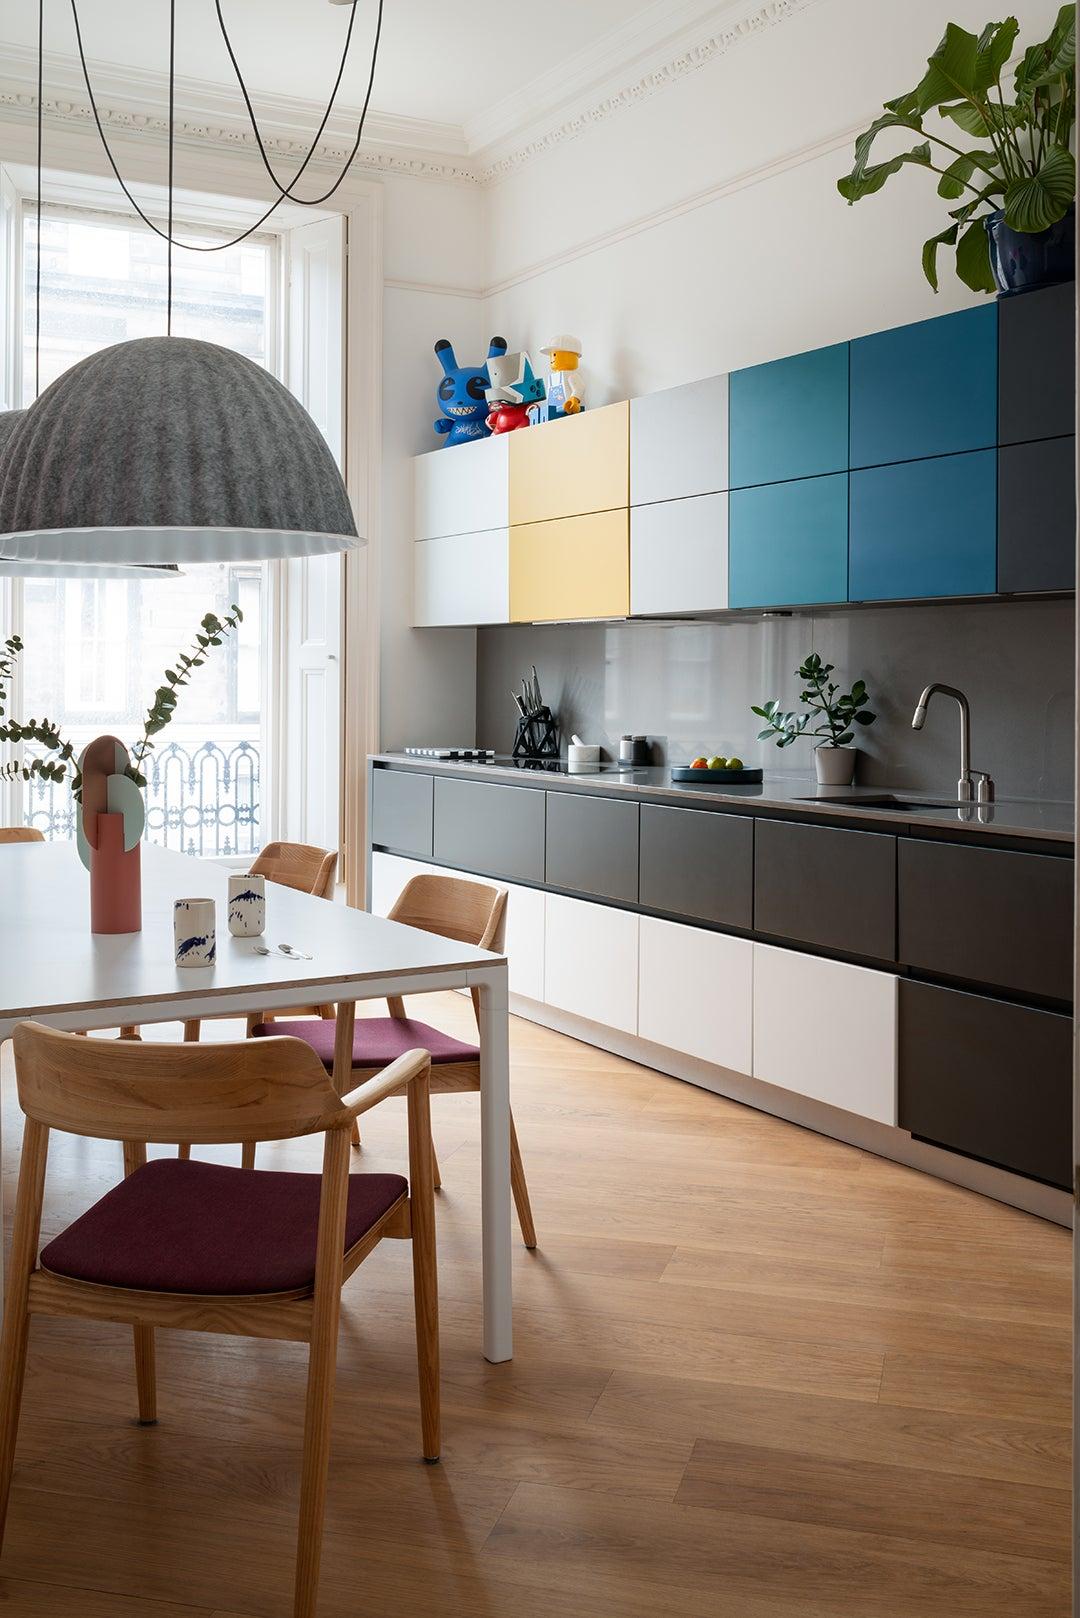 Multicolored kitchen cabinets in Sam Buckley's Edinburgh apartment